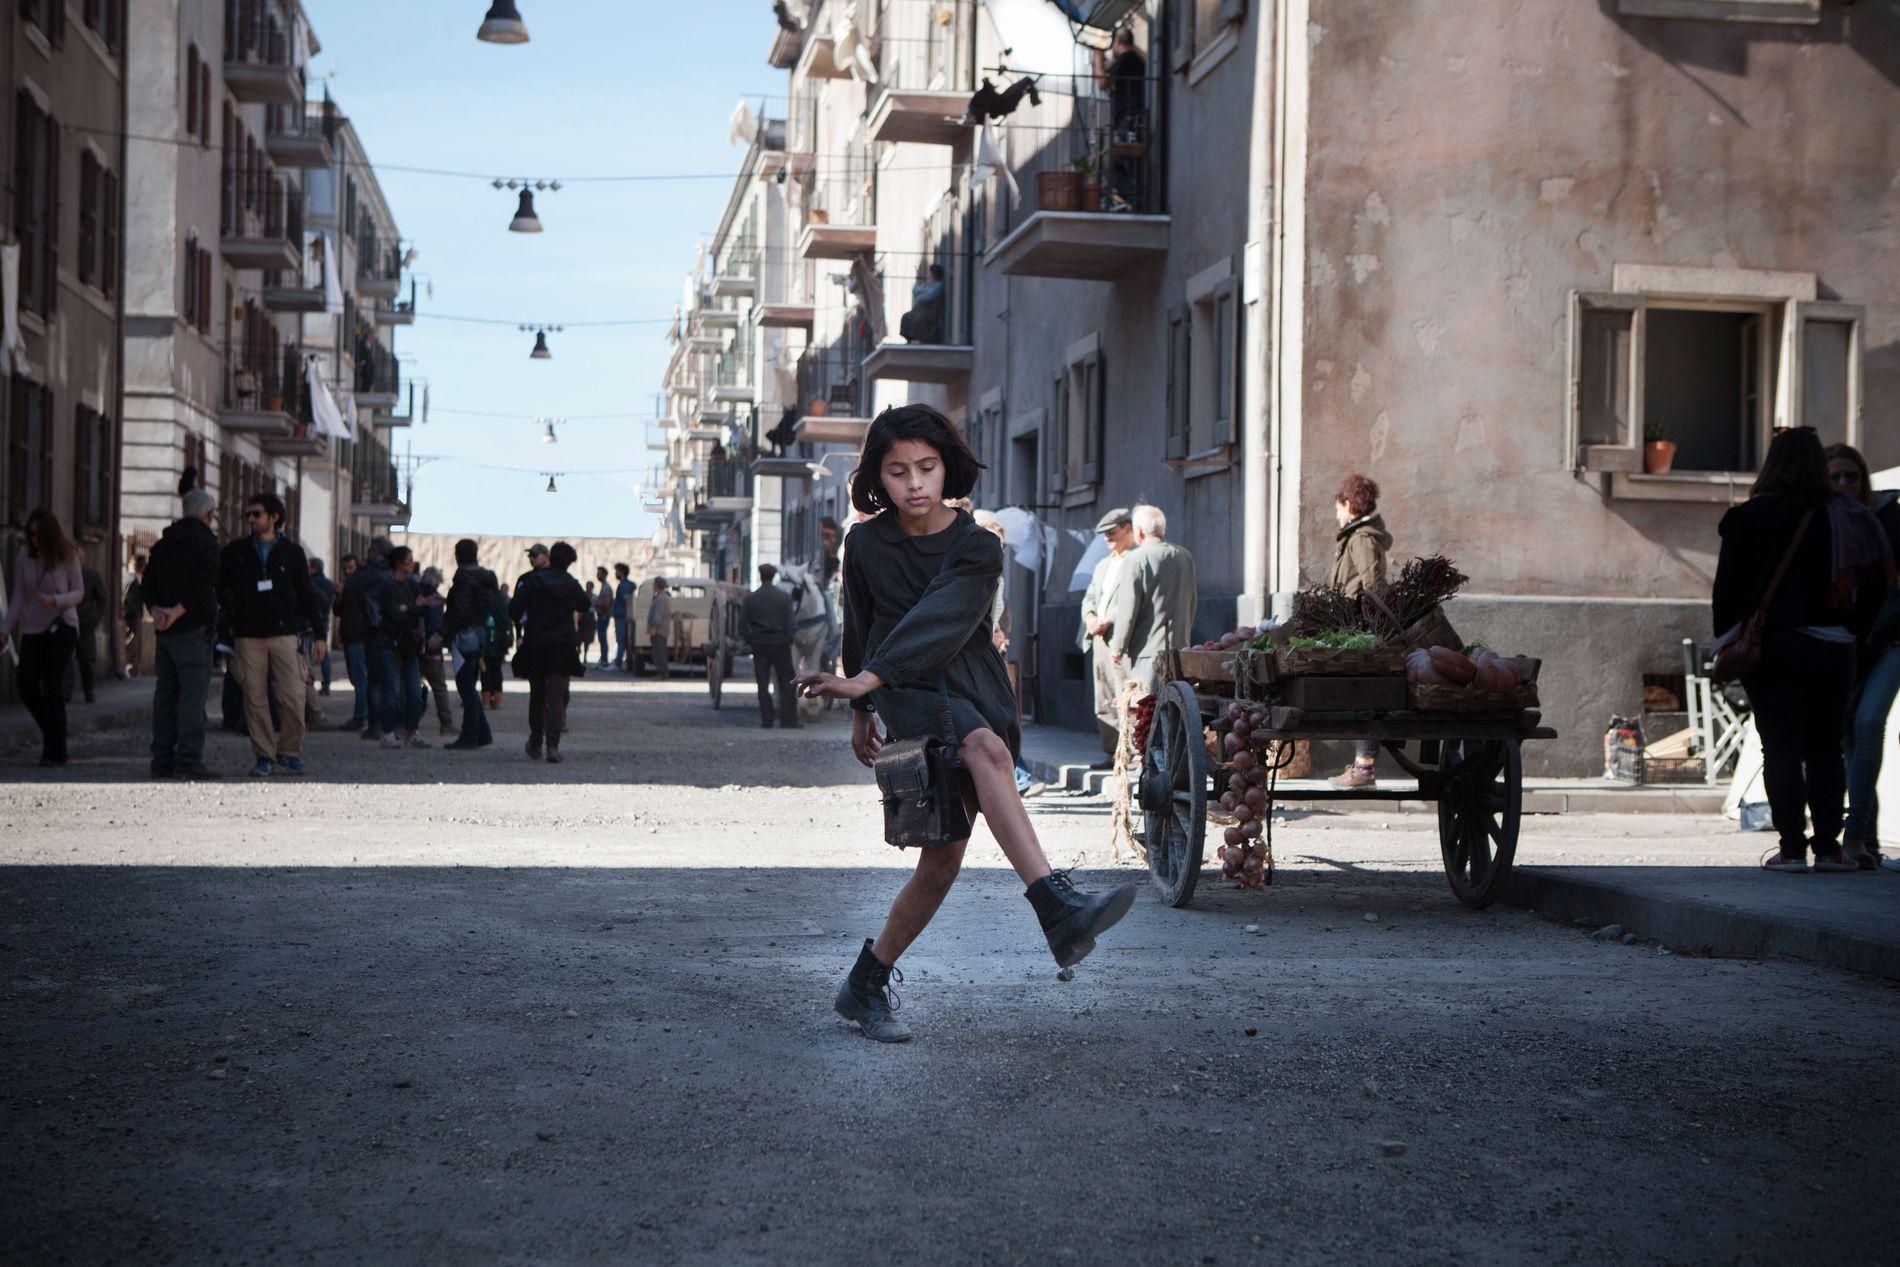 LILA:  Ludovica Nasti spiller den unge Lila - og VG fikk høre at hun bare ble kalt «The Boss» på settet. Selv gjennomgikk hun cellegiftbehandling på grunn av leukemi som fireåring, og regissør Constanzo mener hun og de andre jentene som spiller Elena og Lila har lært ham å bli en bedre mann.